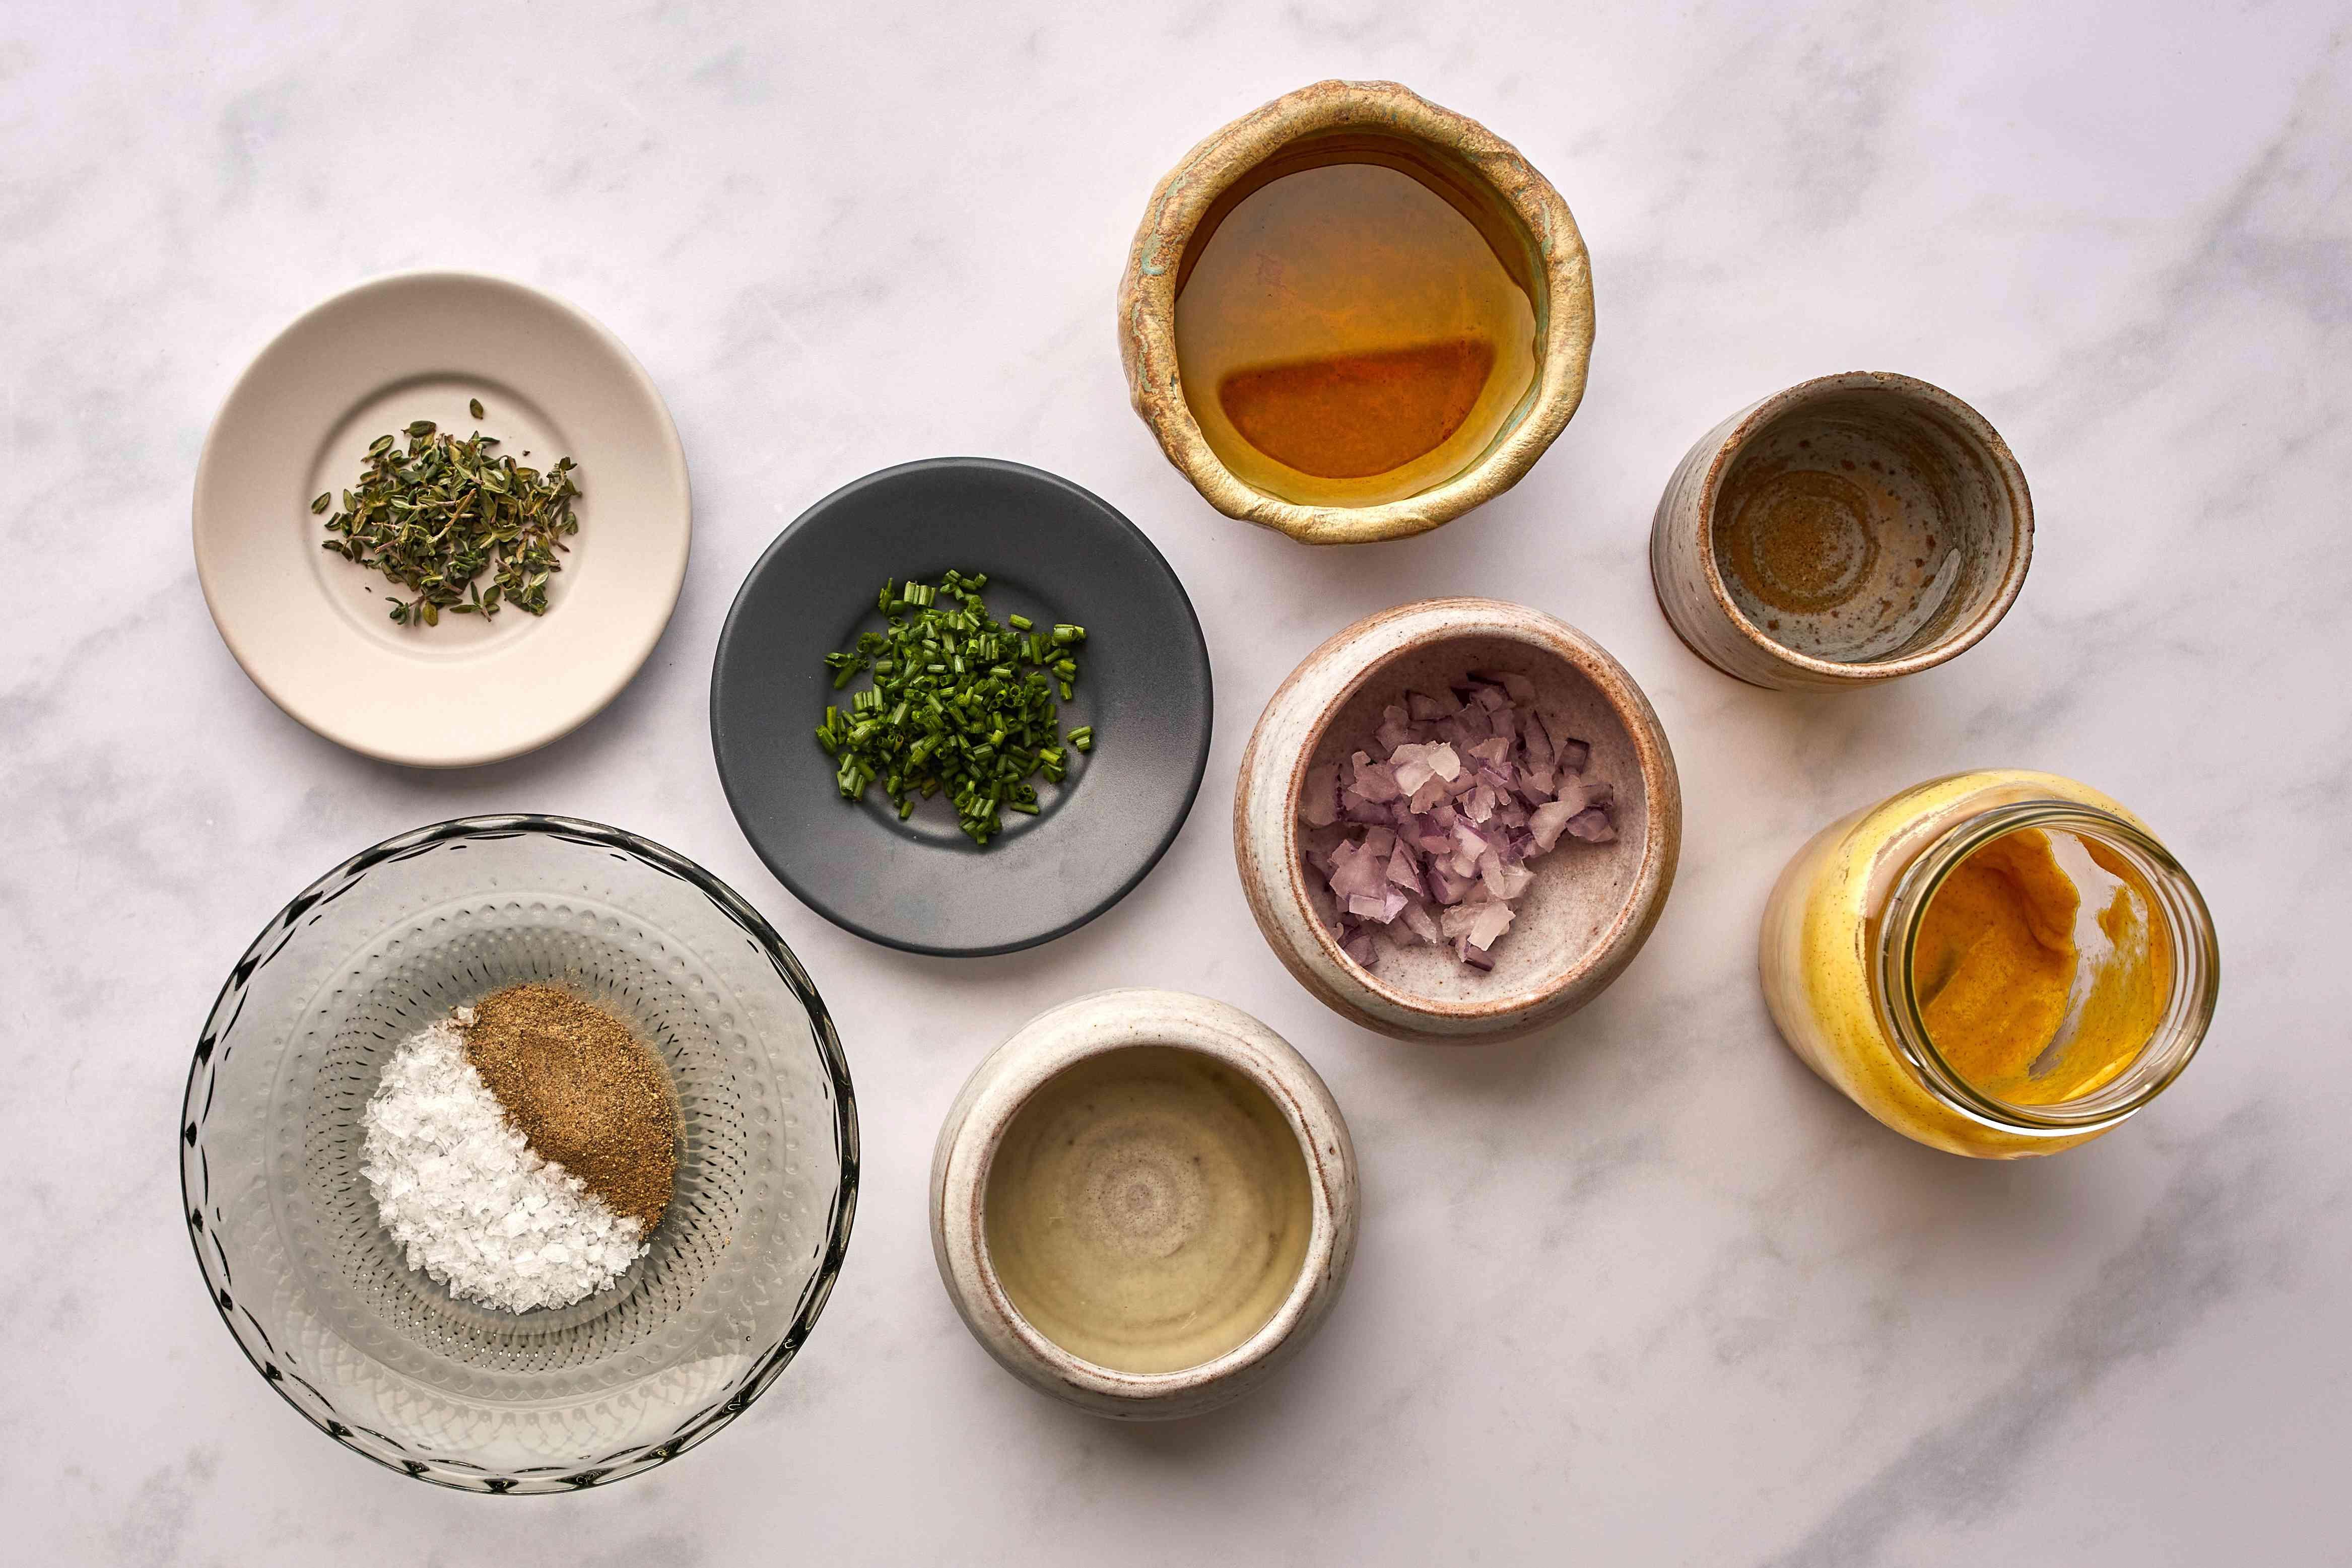 Easy Mustard Jar Salad Dressing ingredients